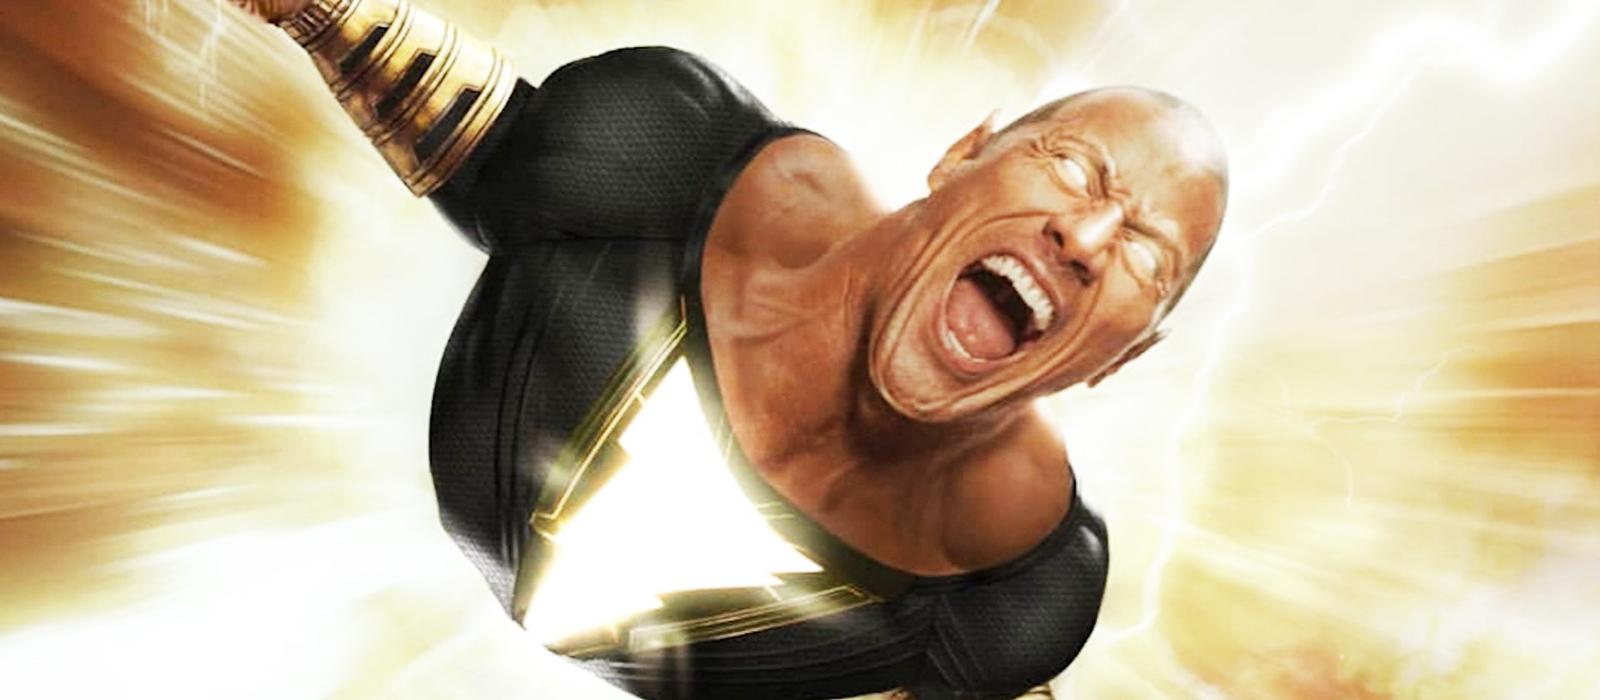 GTA 5 fügte mit dem Erscheinen des Rock eine neue Version von Black Adam hinzu und zeigte seine Superkräfte